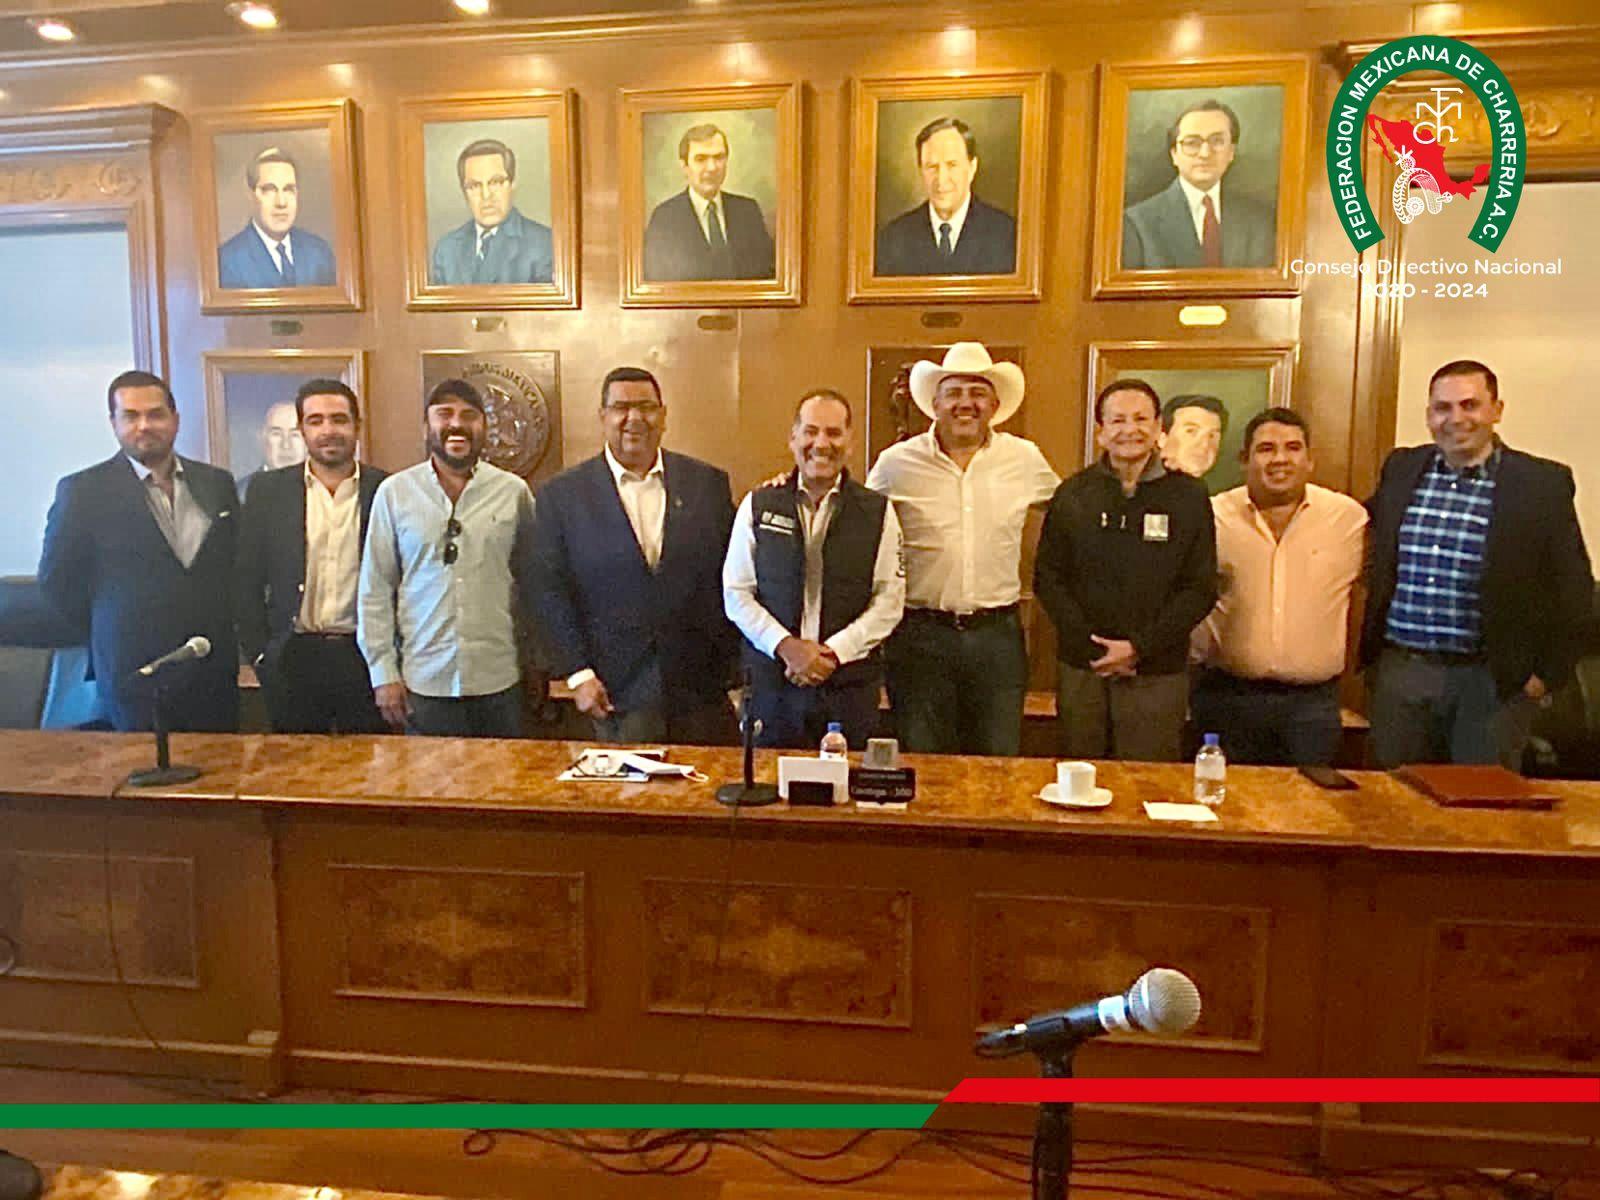 Importante reunión sostuvo el presidente de la Federación con el Gobernador del Estado de Aguascalientes, Martín Orozco Sandoval